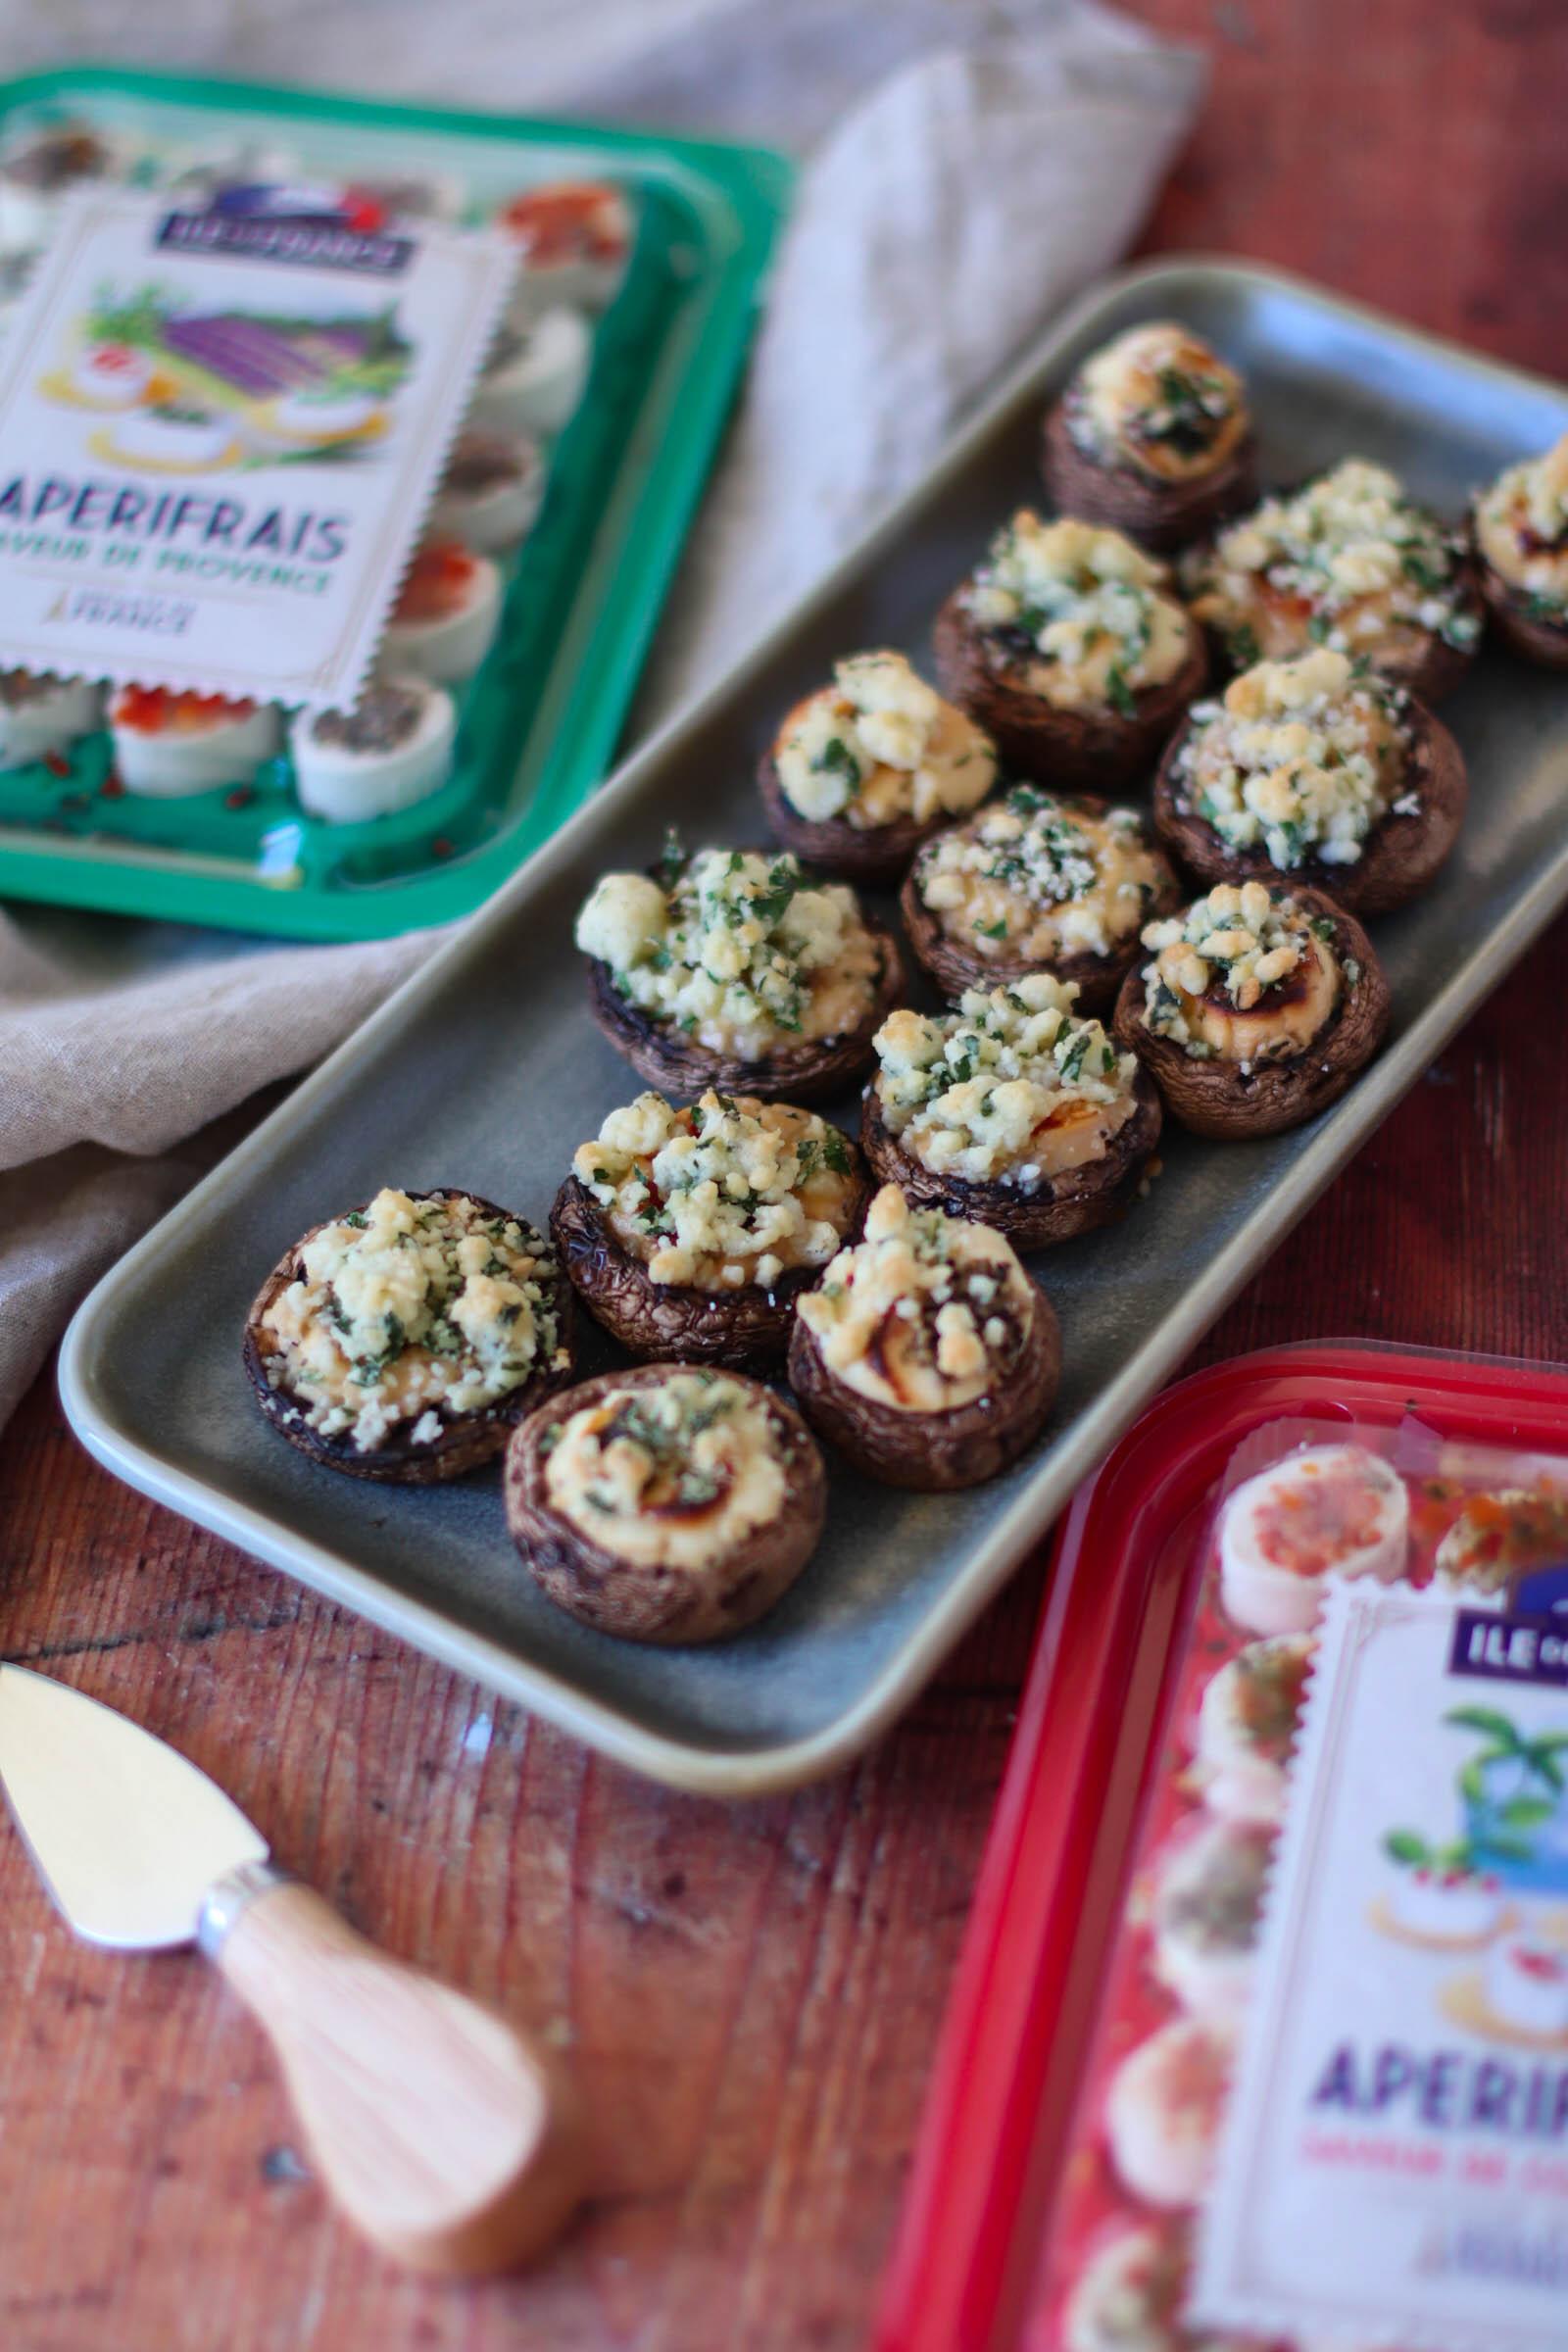 Ciuperci gratinate cu branza de capra si crumble cu patrunjel